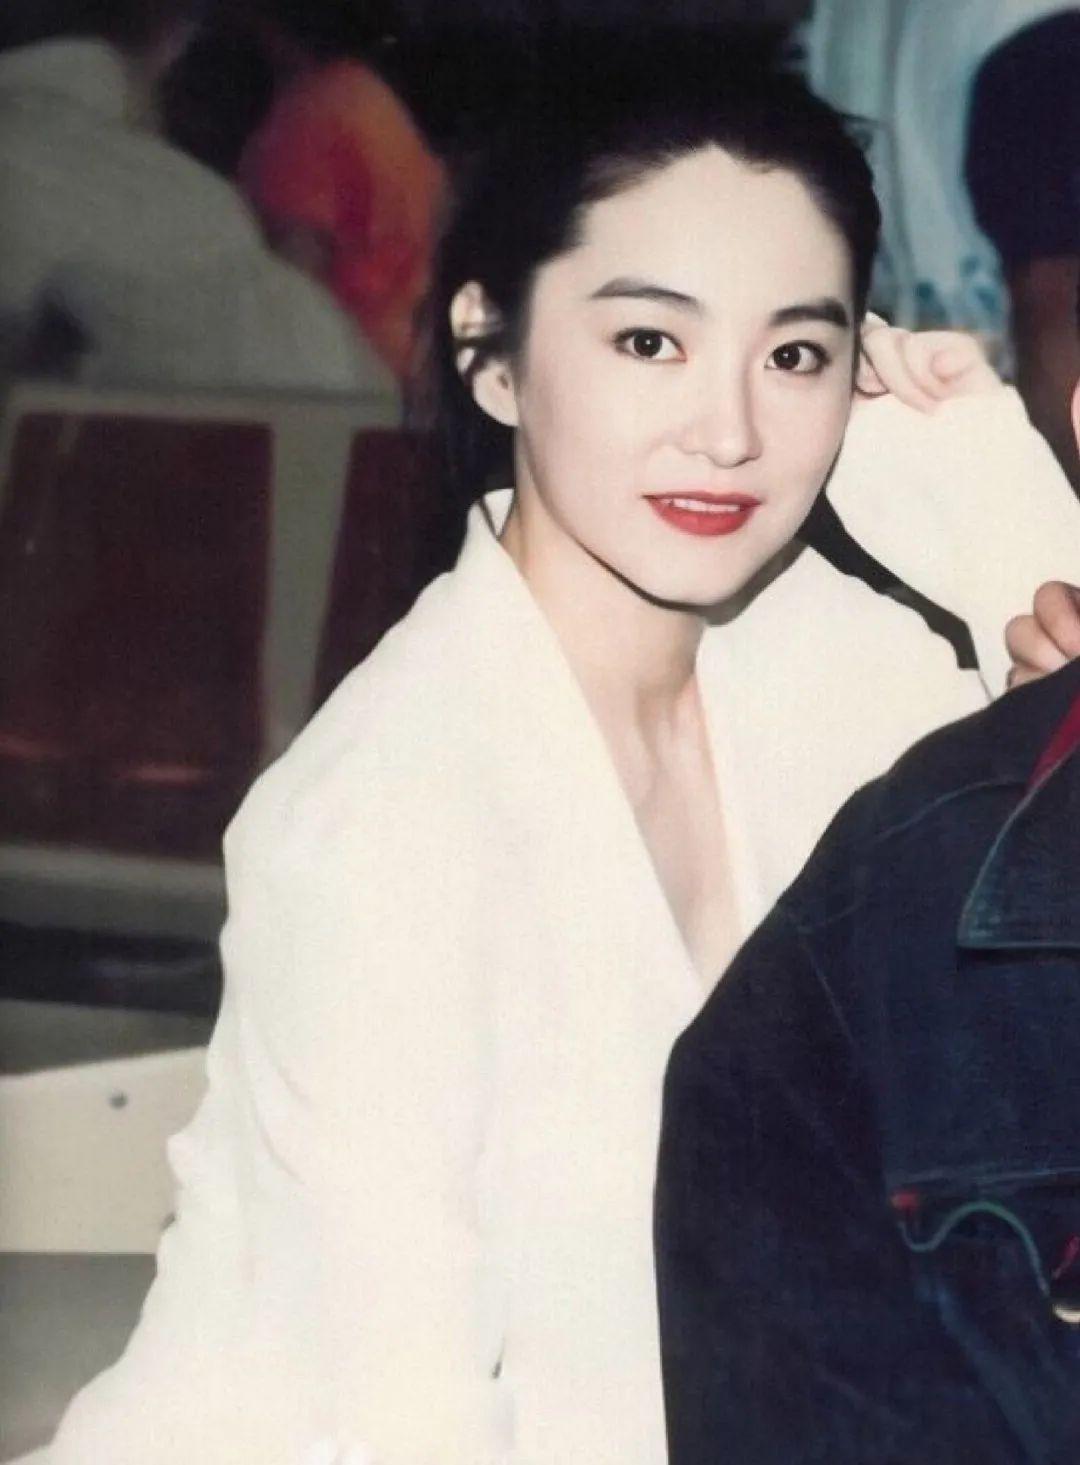 妹子写真 -年轻版林青霞和韩国美女金智秀,你更喜欢哪位呢?_图片 No.1